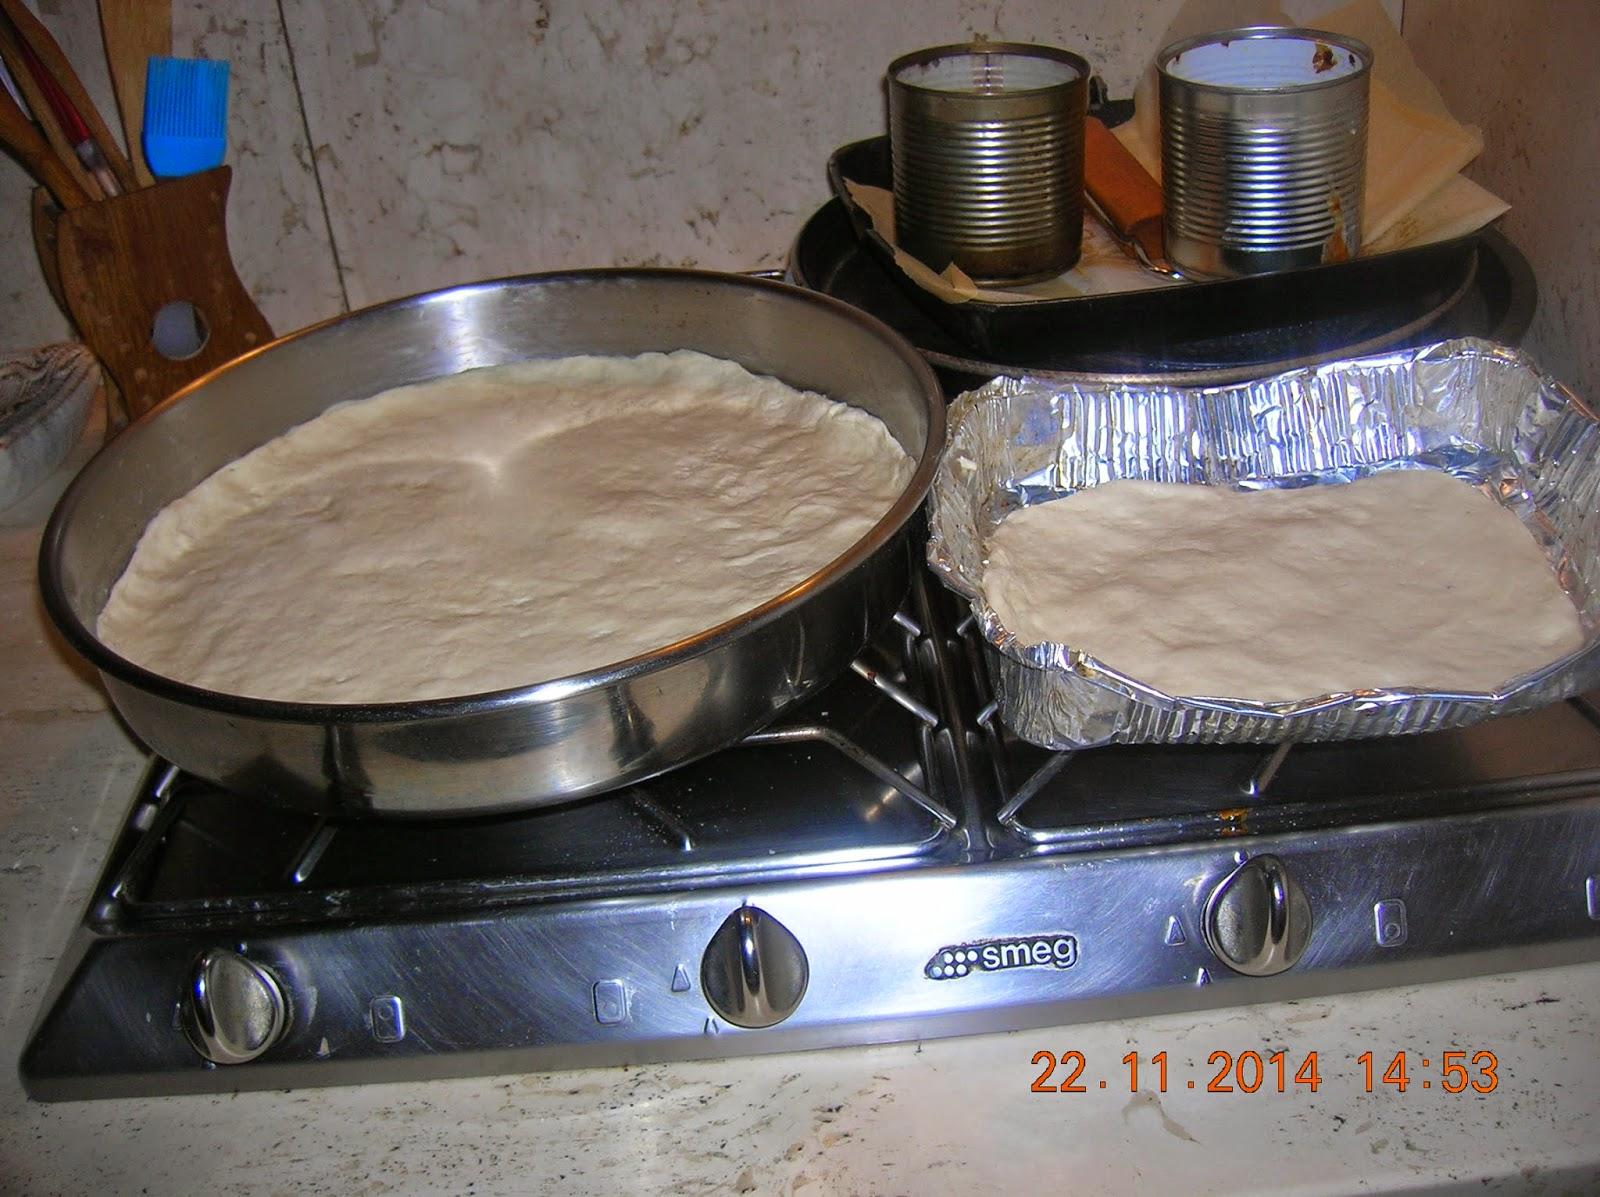 pizza lievitata 36 ore circa...con su frummentu - sformato  di carote e  tortino  di foglie di lattuga